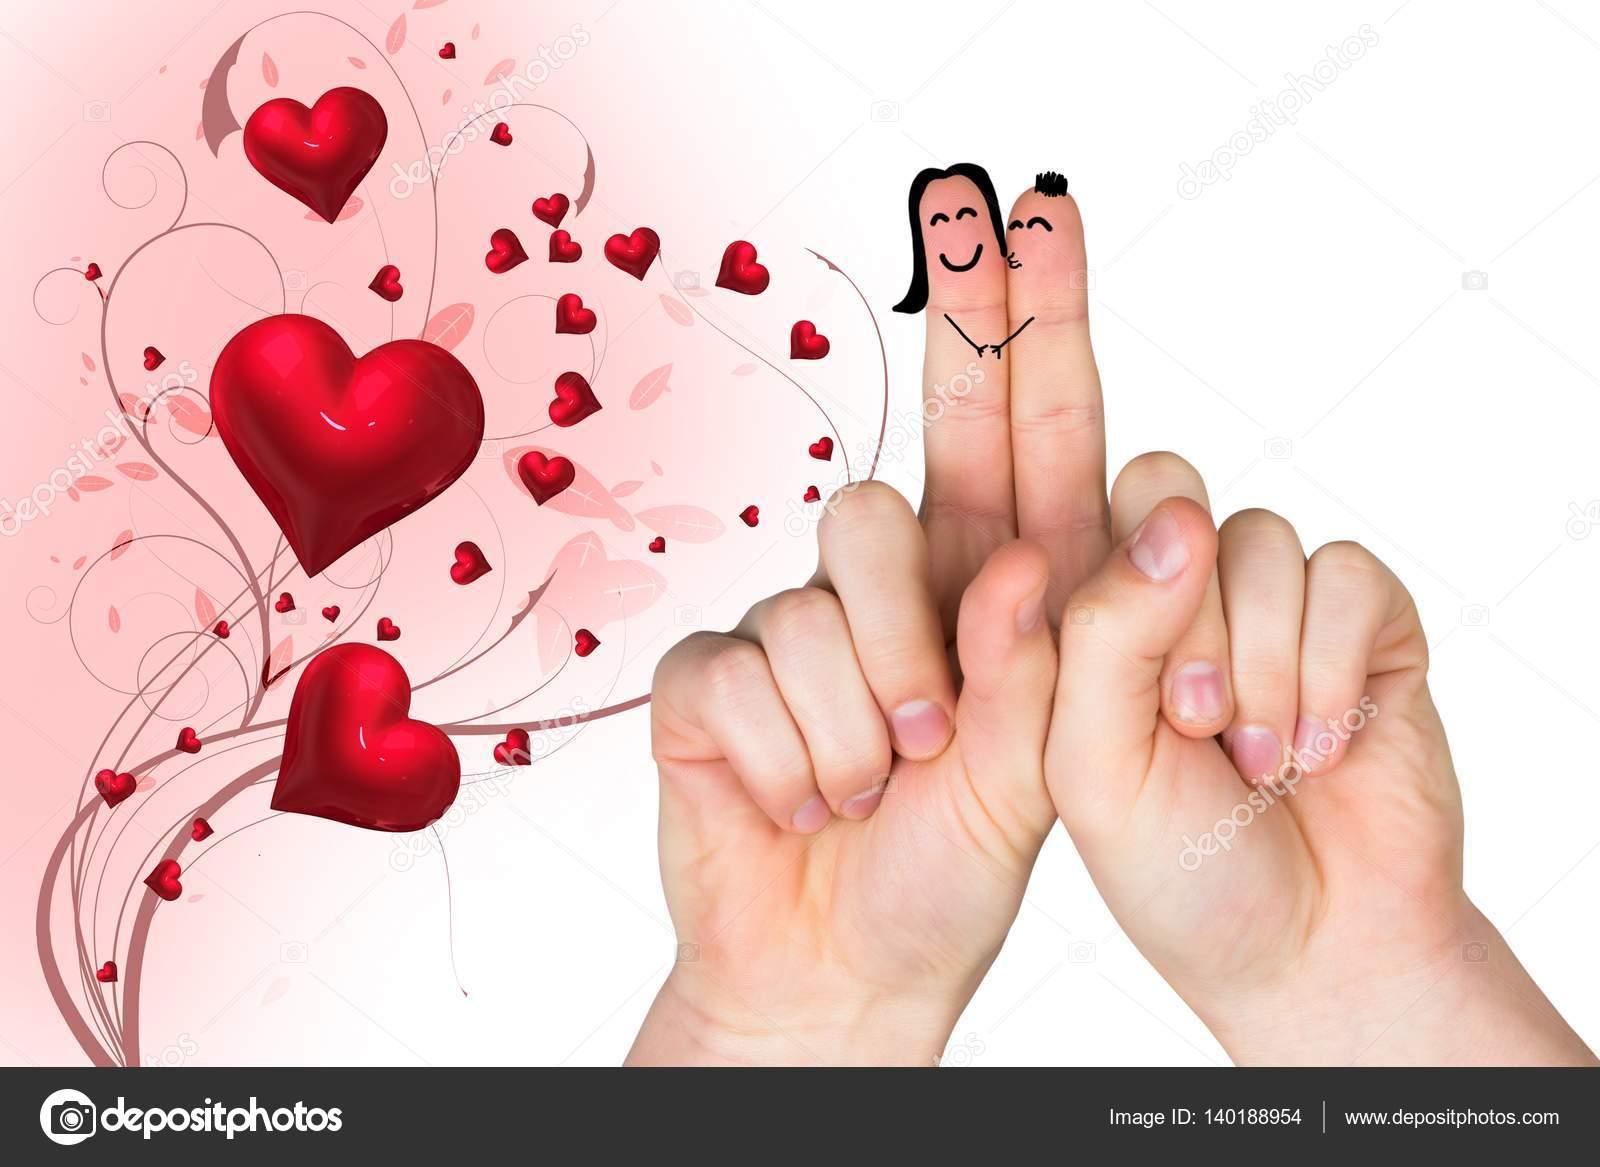 Imágenes Dedos De Amor Par De Dedos En Amor Con Corazones Rojos